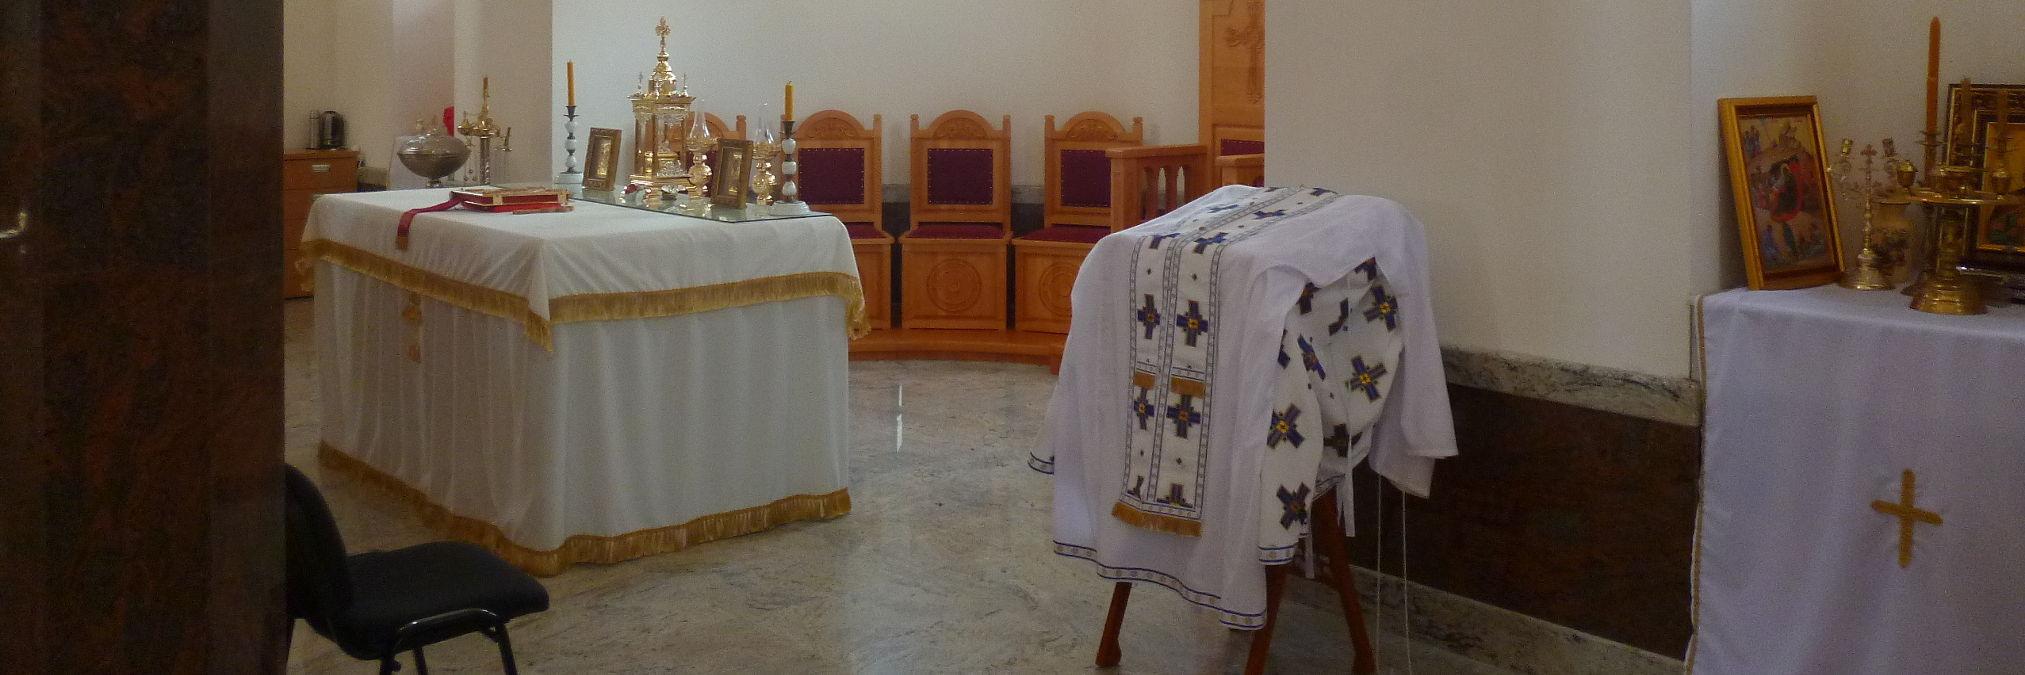 Как вести себя в церквях, монастырях и мечетях